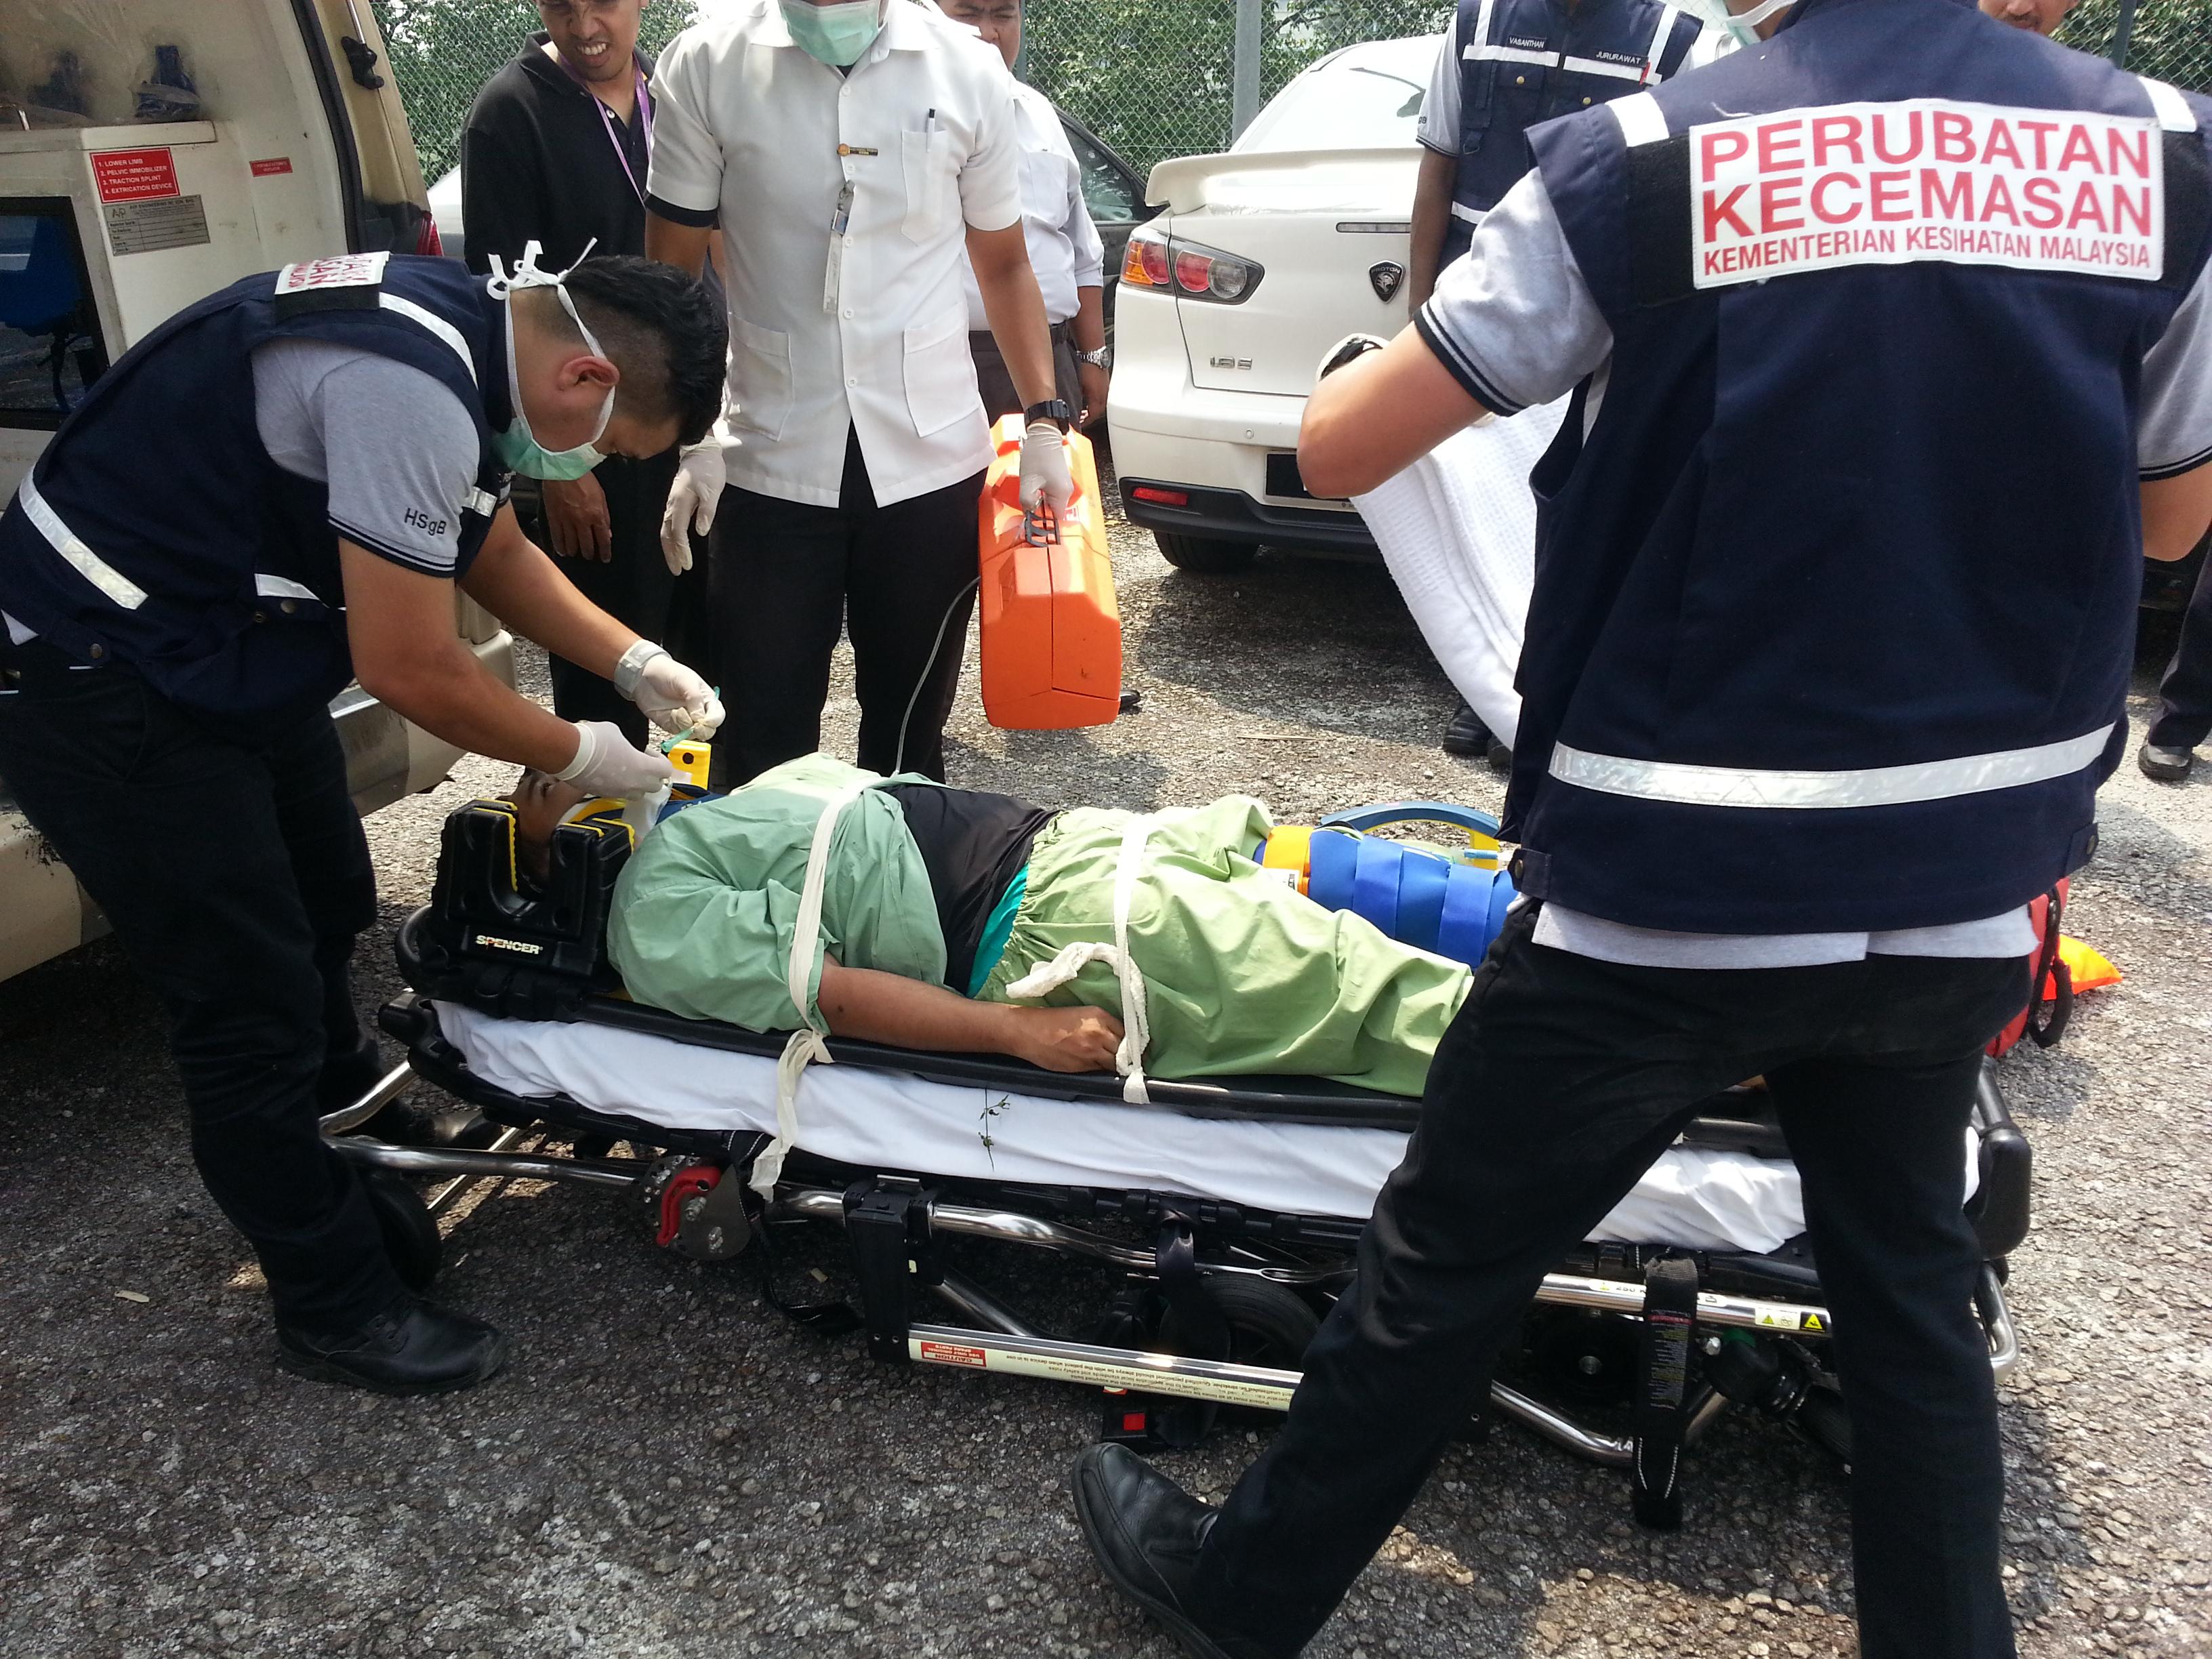 Kuasa Saksama est le principal fournisseur d'équipement médical d'AVP, le principal fournisseur d'ambulances malais | Urgence en direct 7